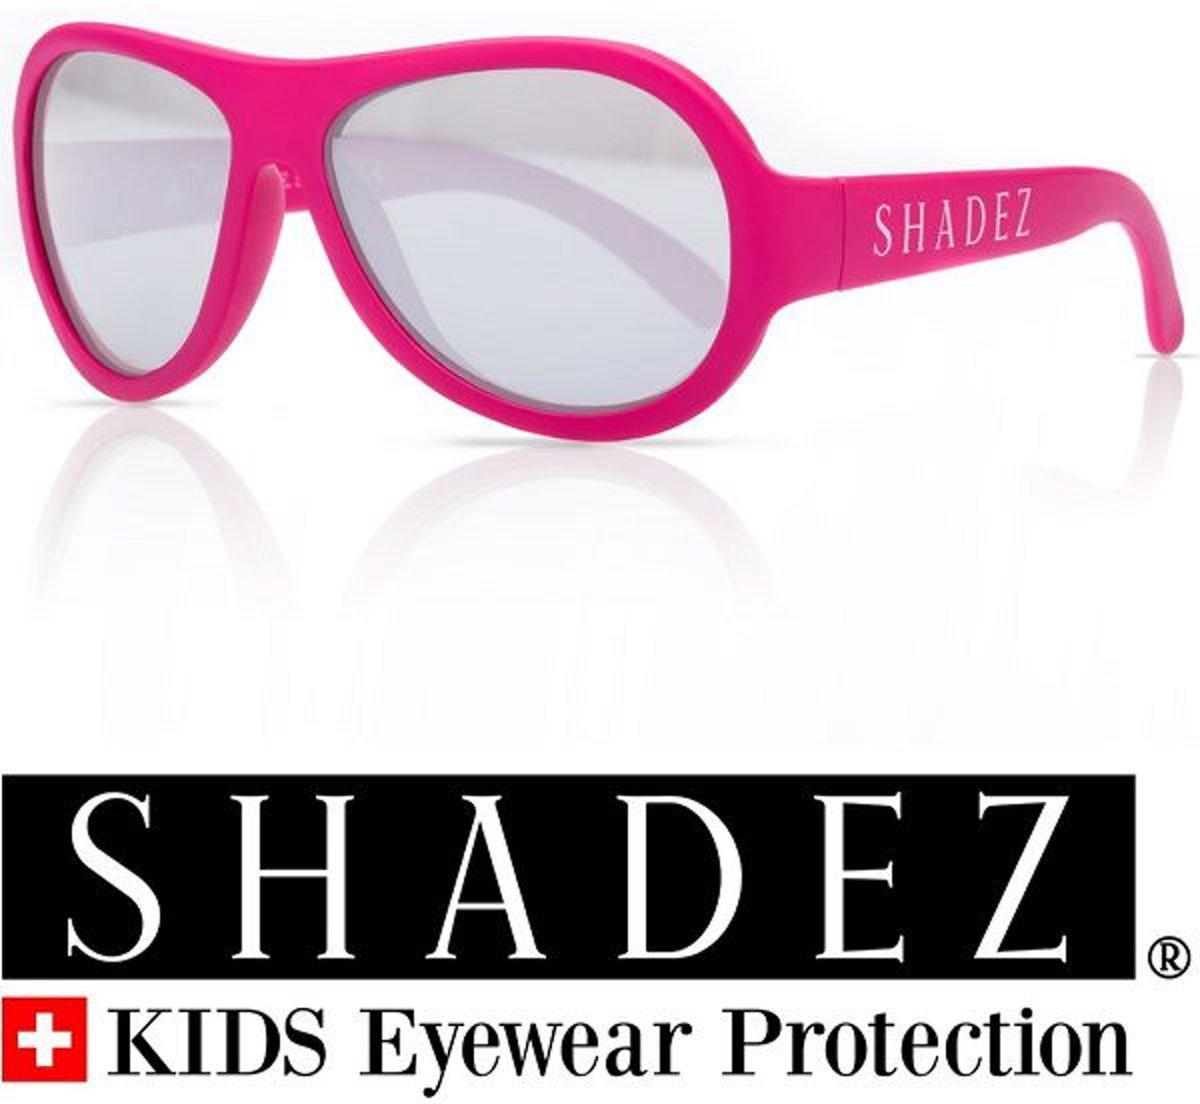 Zonnebril baby & peuter - Kinder zonnebril - Shadez - Roze 0-3 jr